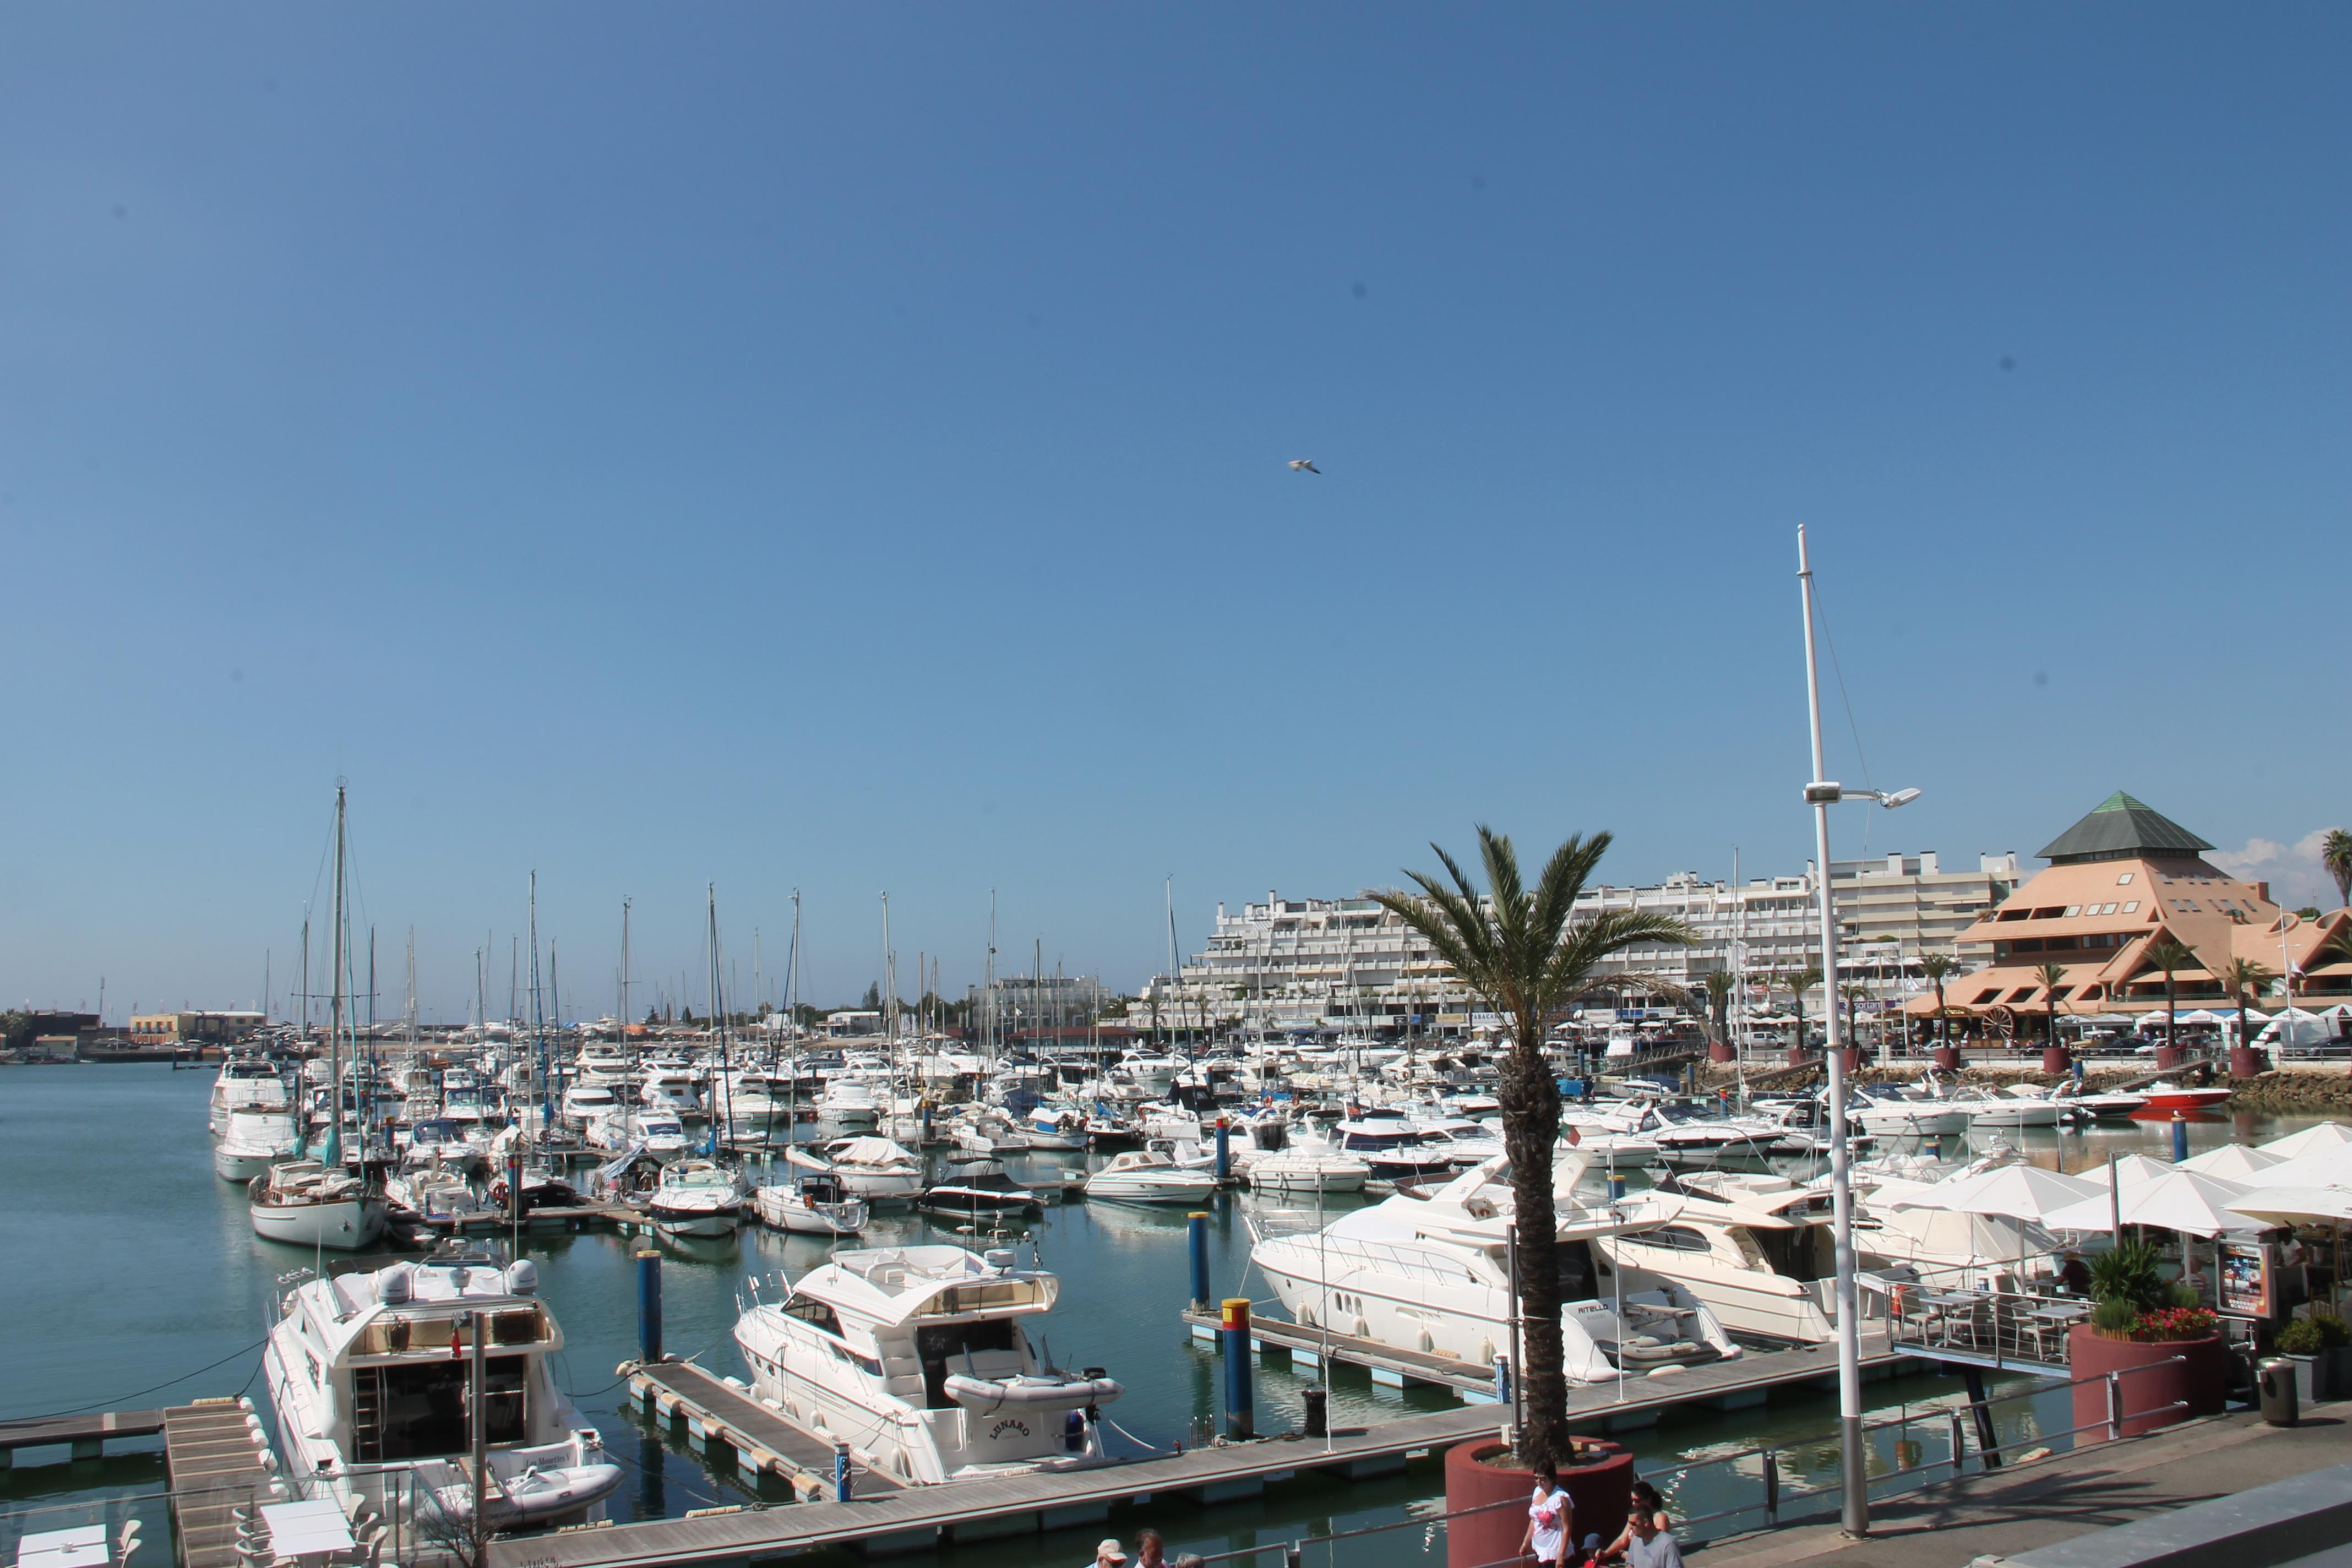 #42658922335632 Vilamoura Vakantie Algarve Portugal IMG 8208 Meest effectief Luxe Vakantie Portugal 3705 behang 427228483705 afbeeldingen